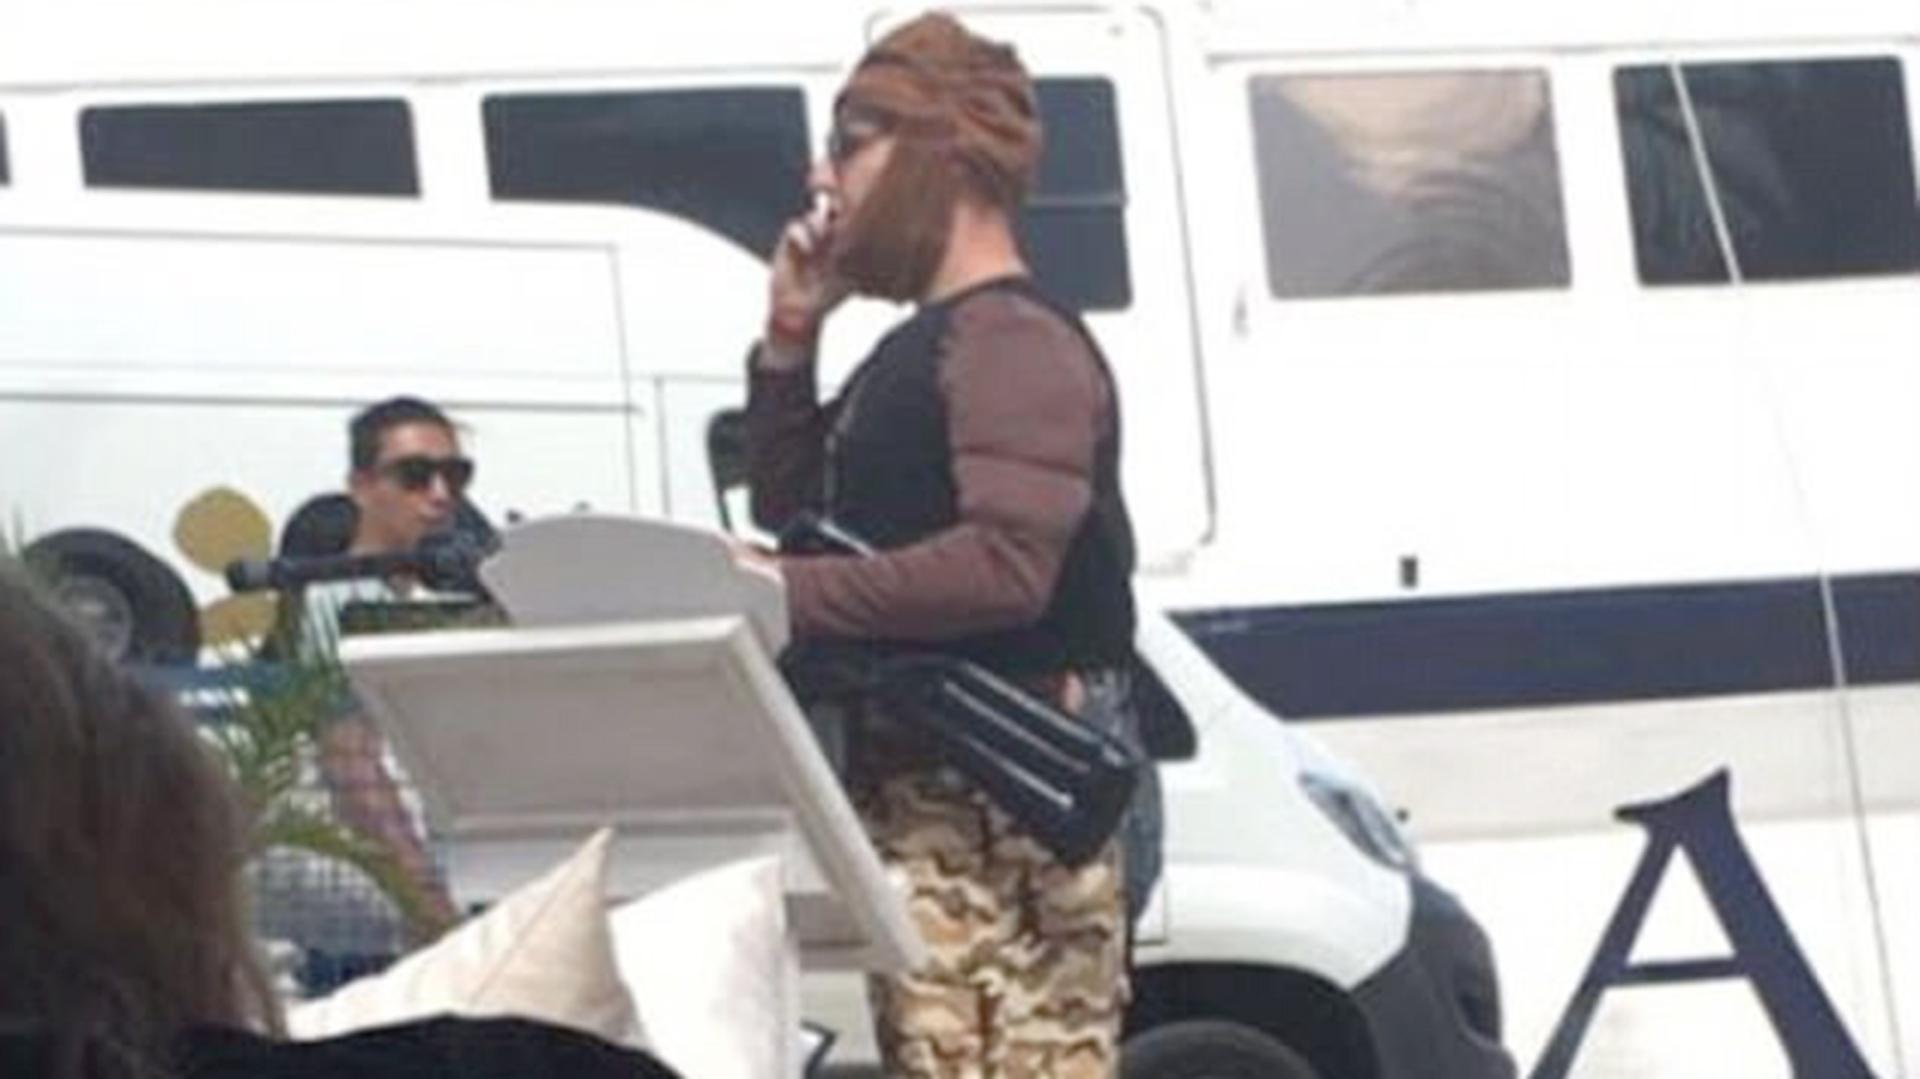 """Según el hombre, no era un disfraz de terrorista sino de """"pirata somalí"""" (@ashleighcowie)"""